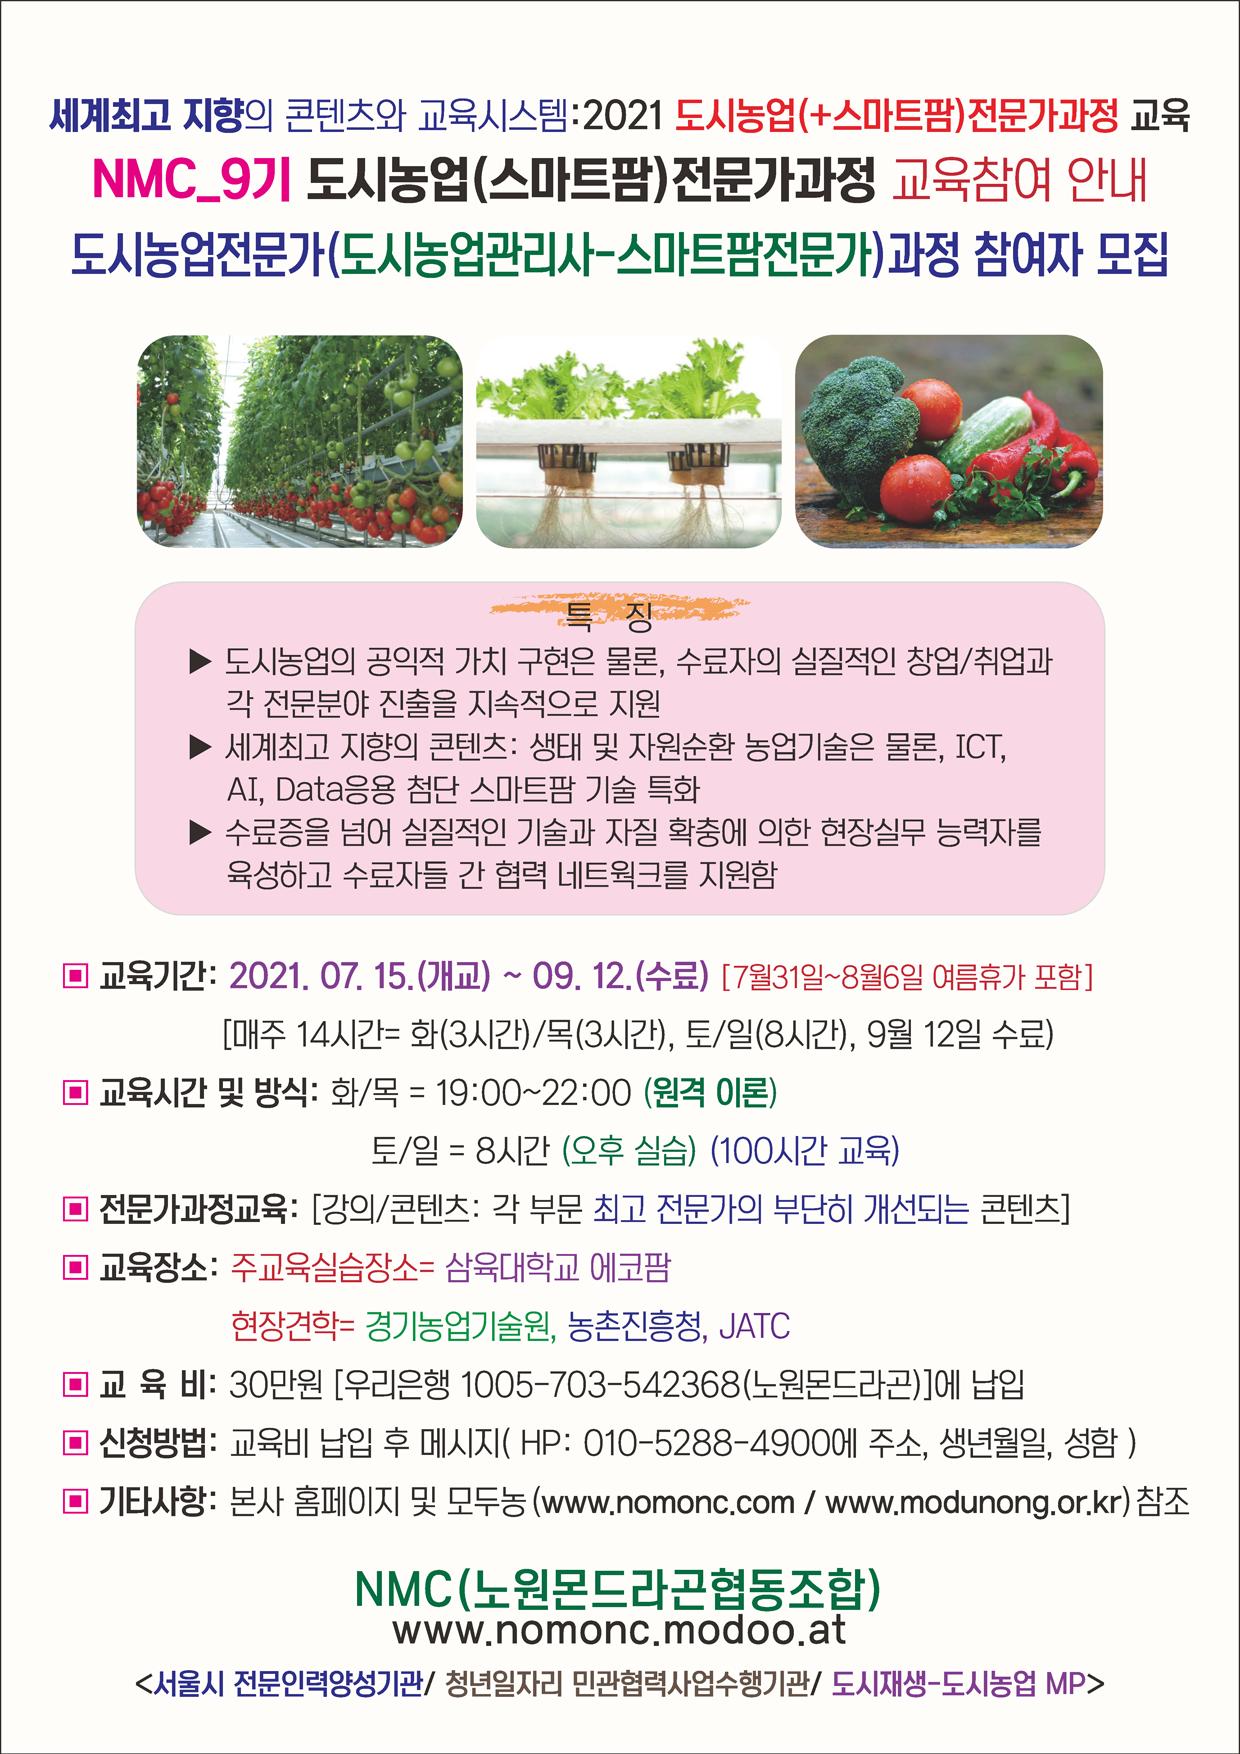 '21(하반기) 도시농업전문가과정 NMC_9기 참여자 모집